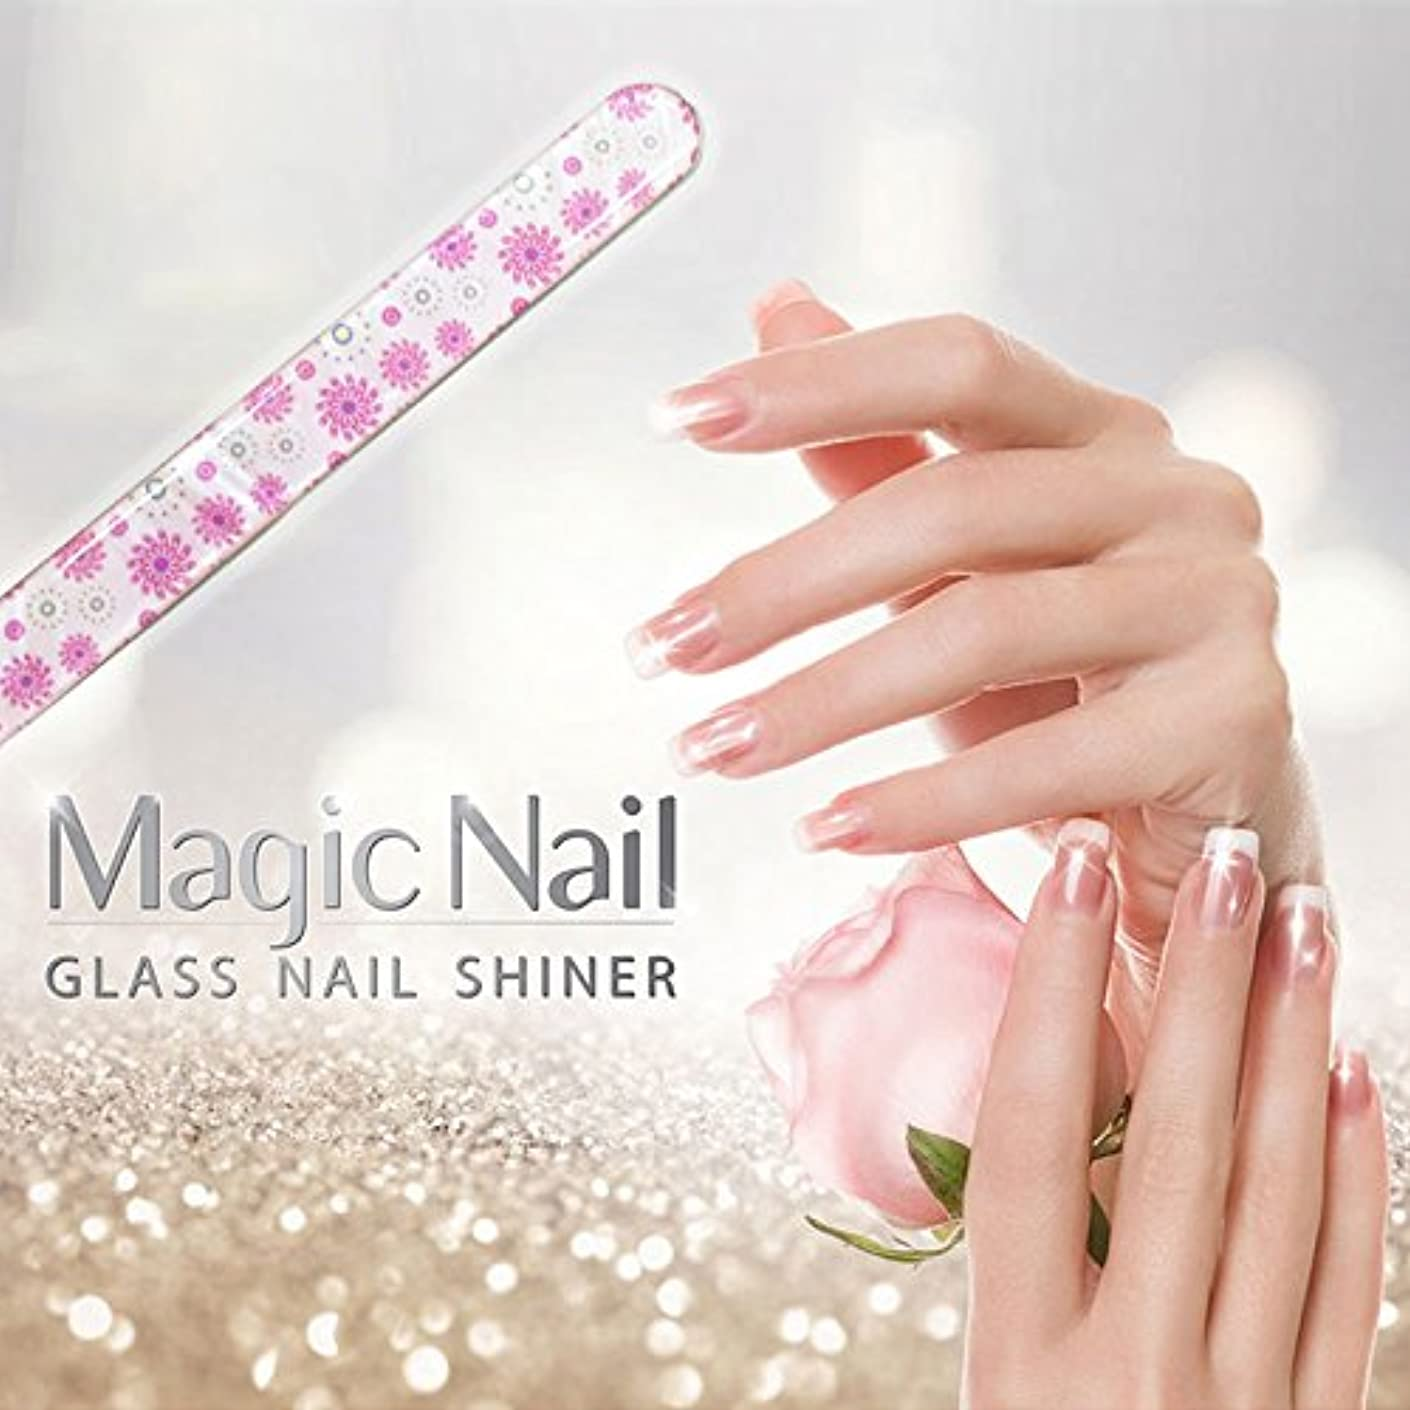 束流体トイレエッサンテ(Essante) マジックネイル magic nail マニキュアを塗ったようなツヤ、輝きが家で誰でも簡単に出来る glass nail shiner ガラスネイルシャイナー おしゃれなデザイン つめやすり ...